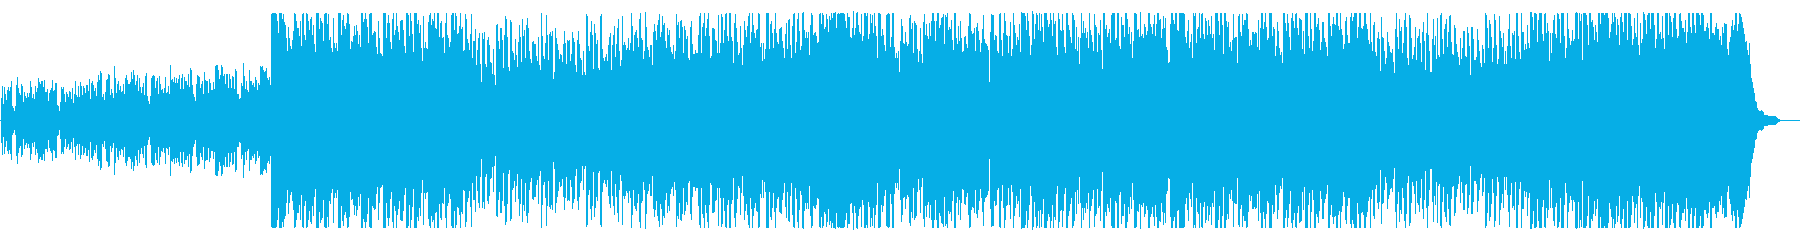 疾走感あるオープニング向きオーケストラ曲の再生済みの波形